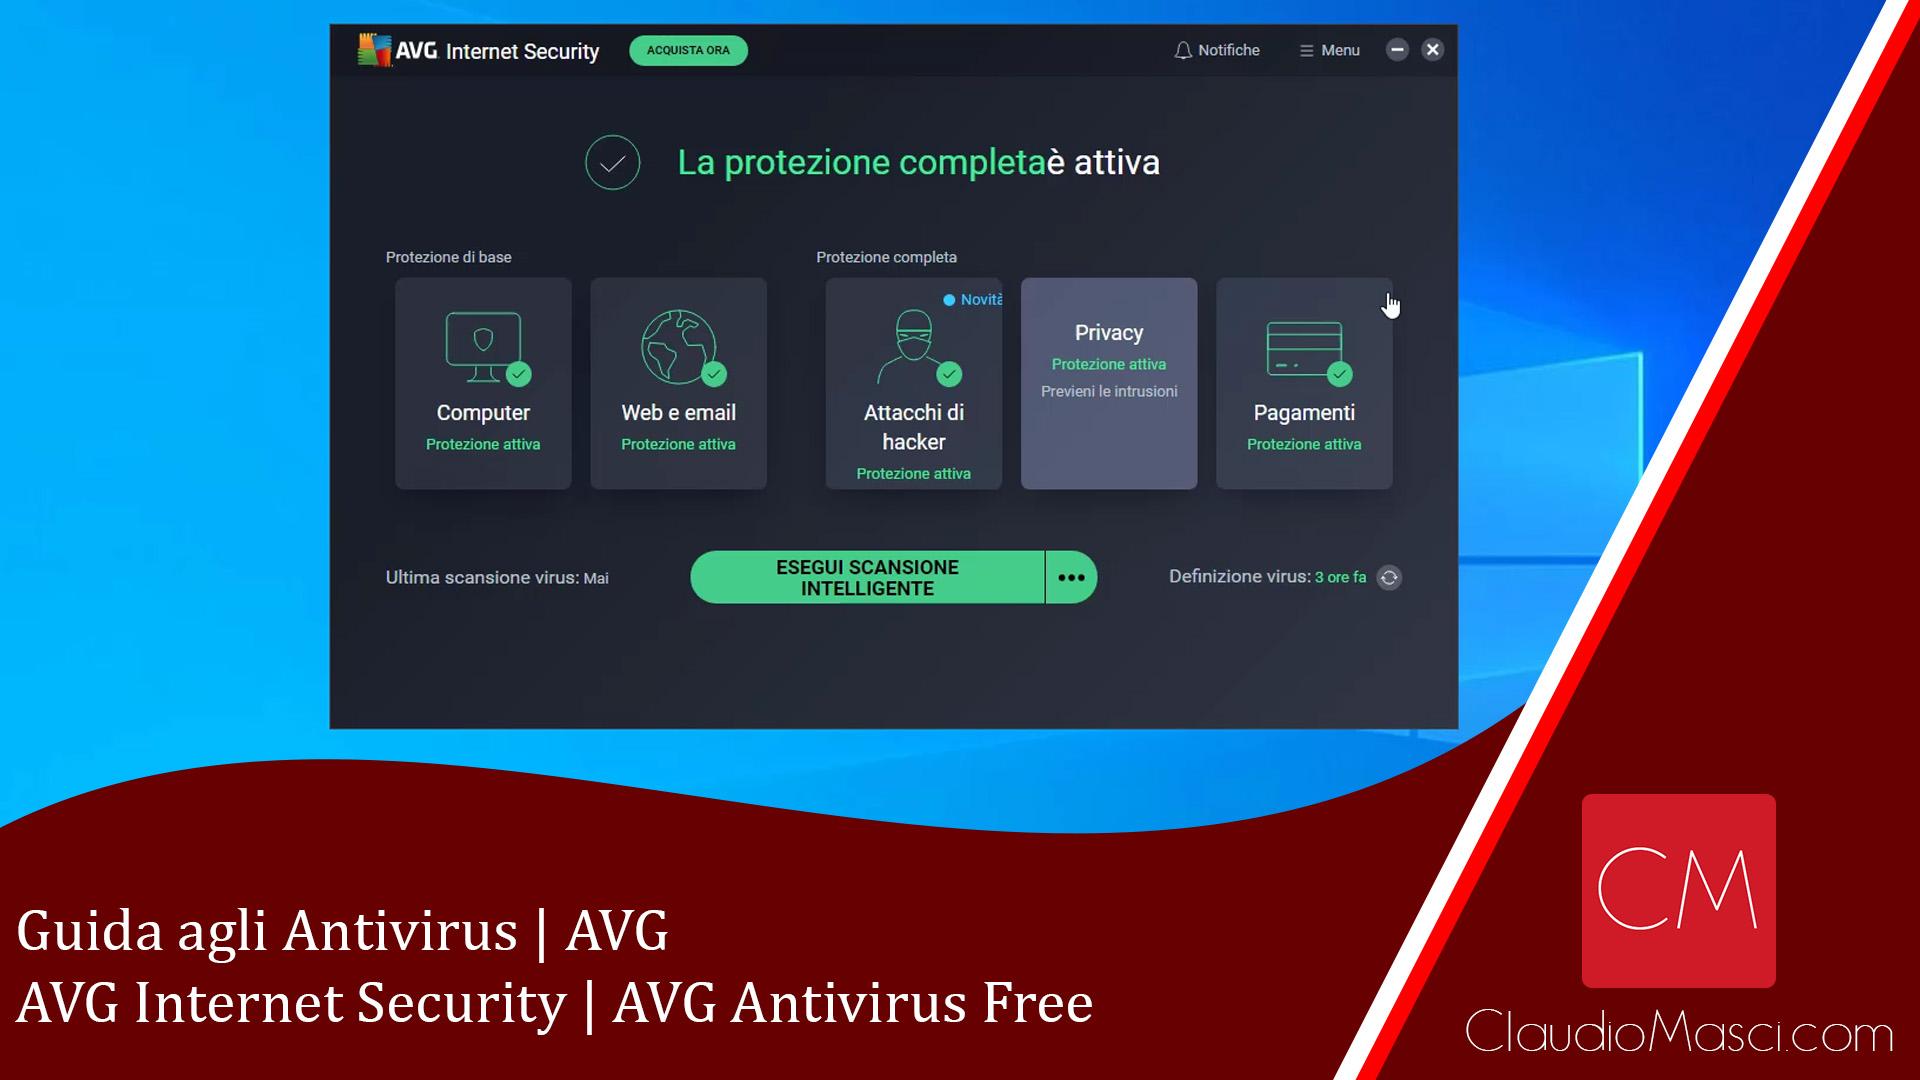 Guida agli Antivirus | AVG